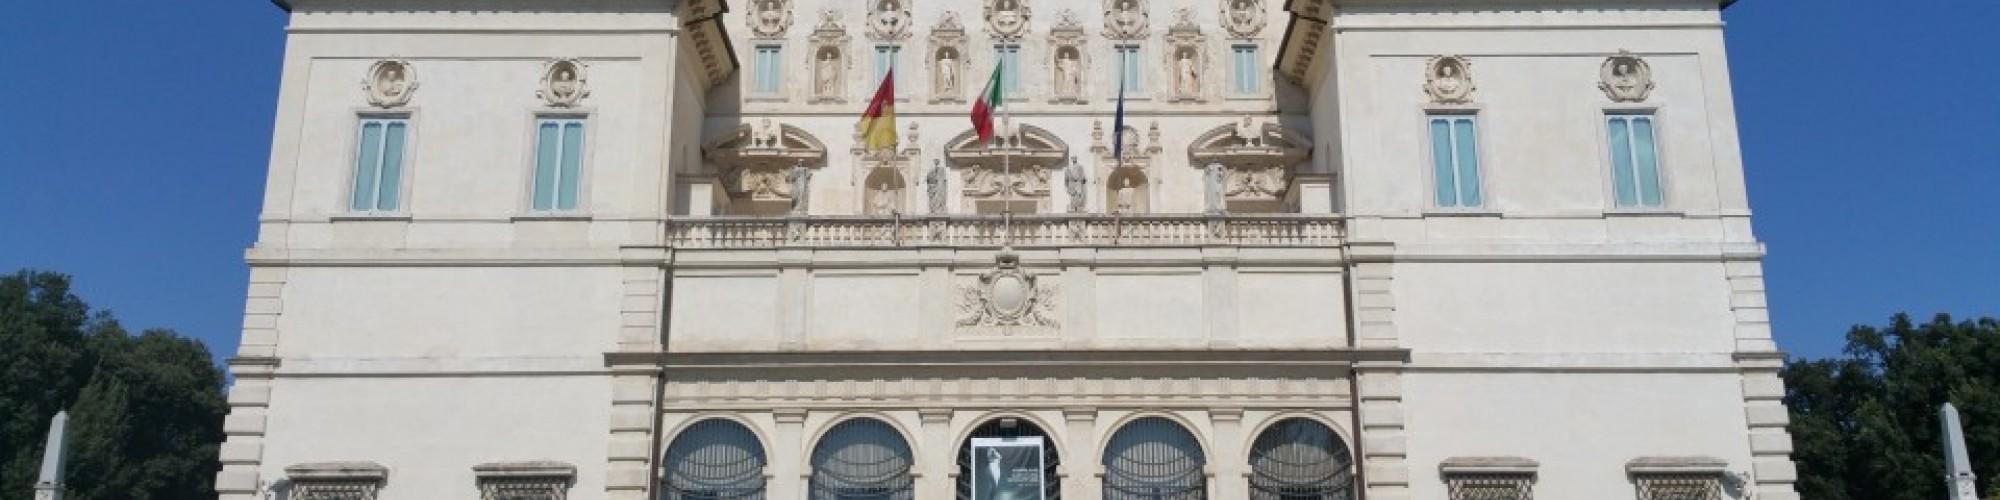 Resultado de imagen para roma